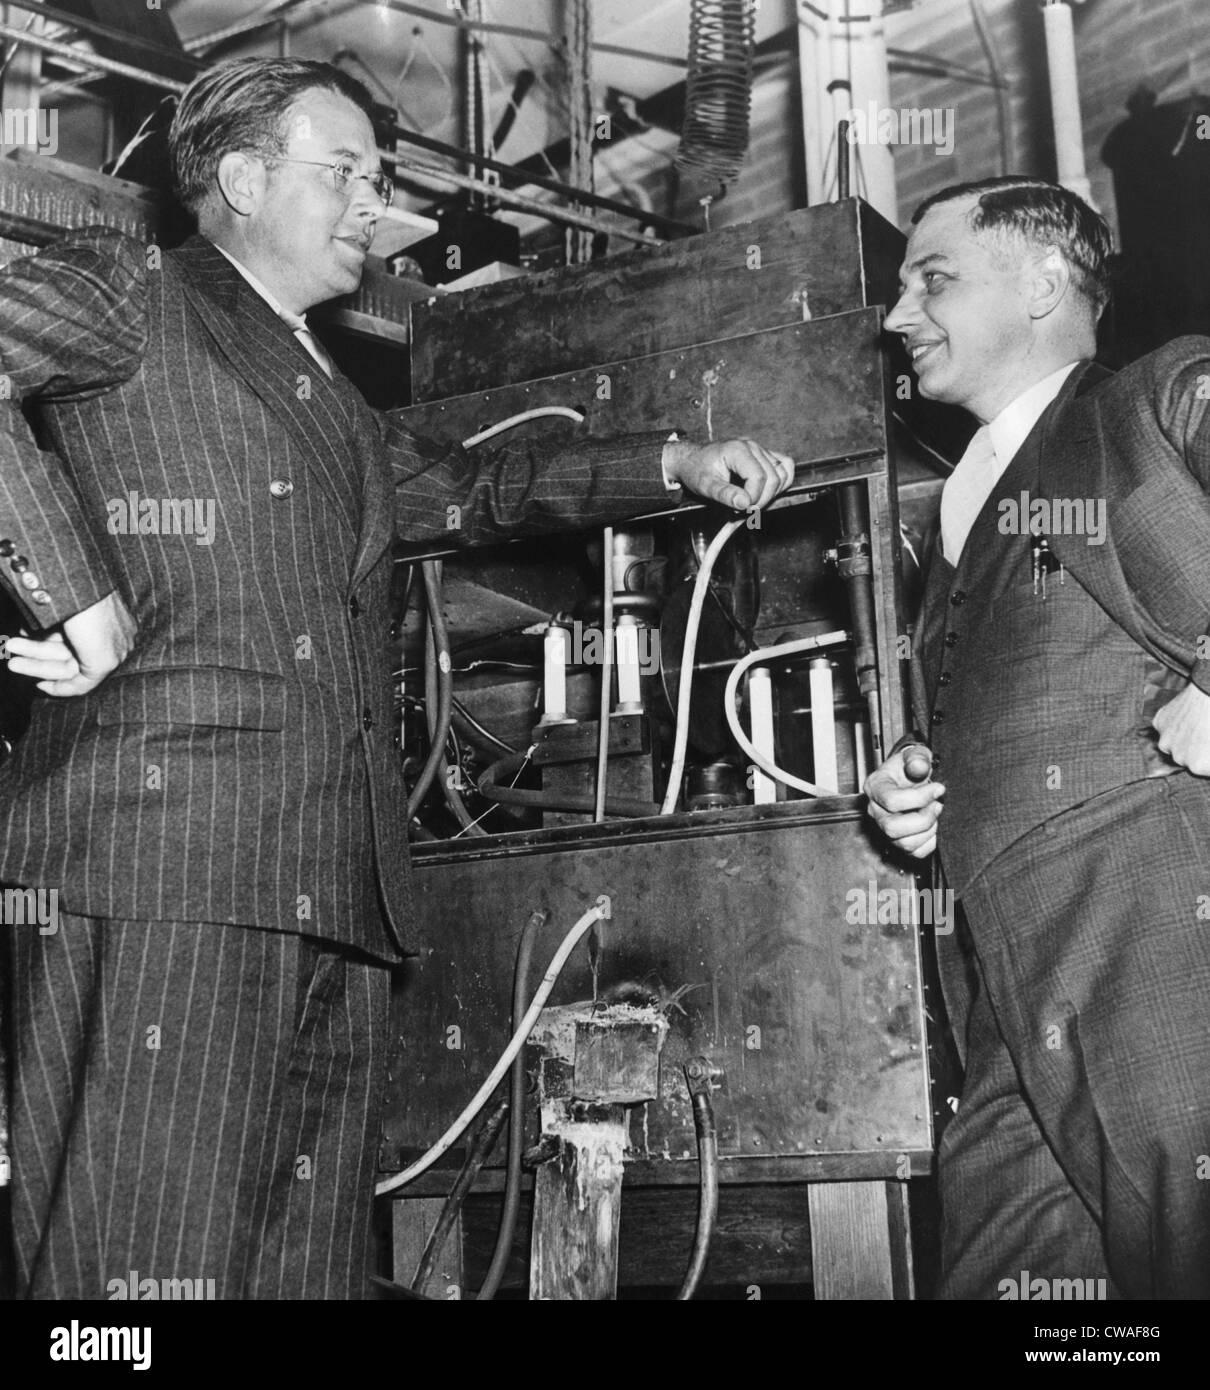 Ernest O. Lawrence, physicien américain, lauréat du Prix Nobel, et le Dr Lee Alvin DuBridge (1901-1994), l'inspection d'un atom smasher Banque D'Images